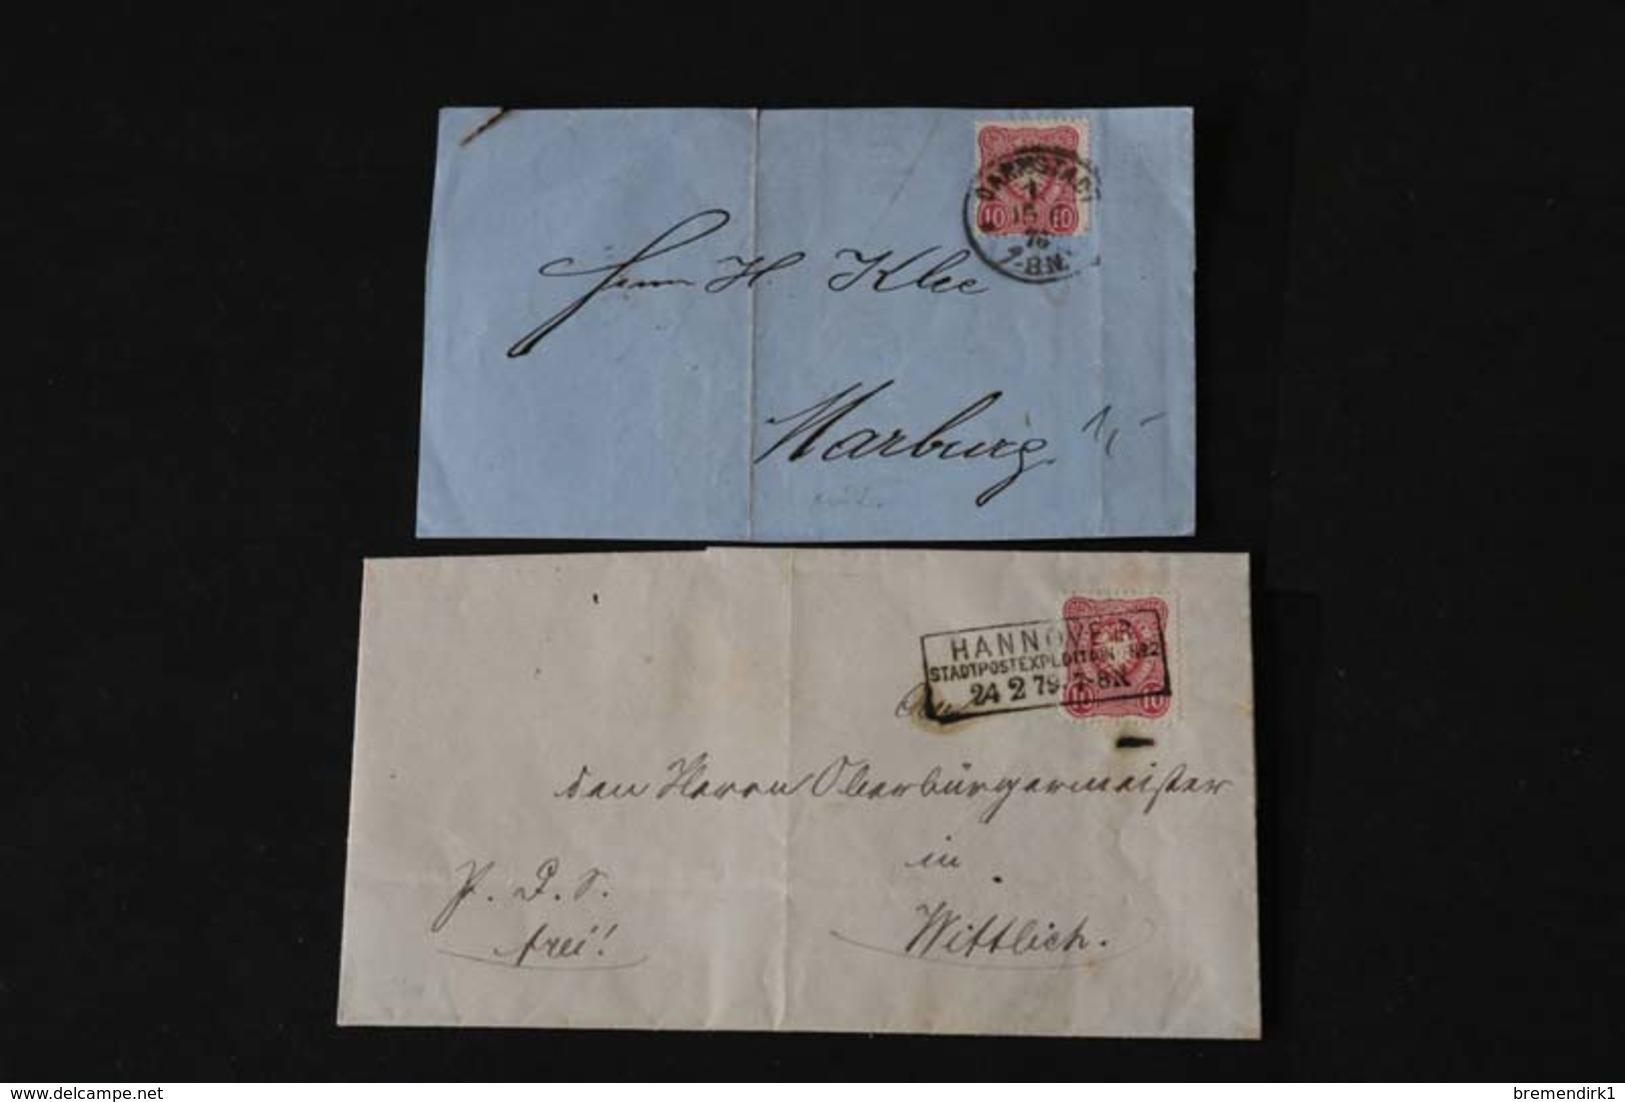 DEUTSCHES REICH Brief/ Brieffrontseiten-Posten ....195 (F) - Lots & Kiloware (min. 1000 Stück)